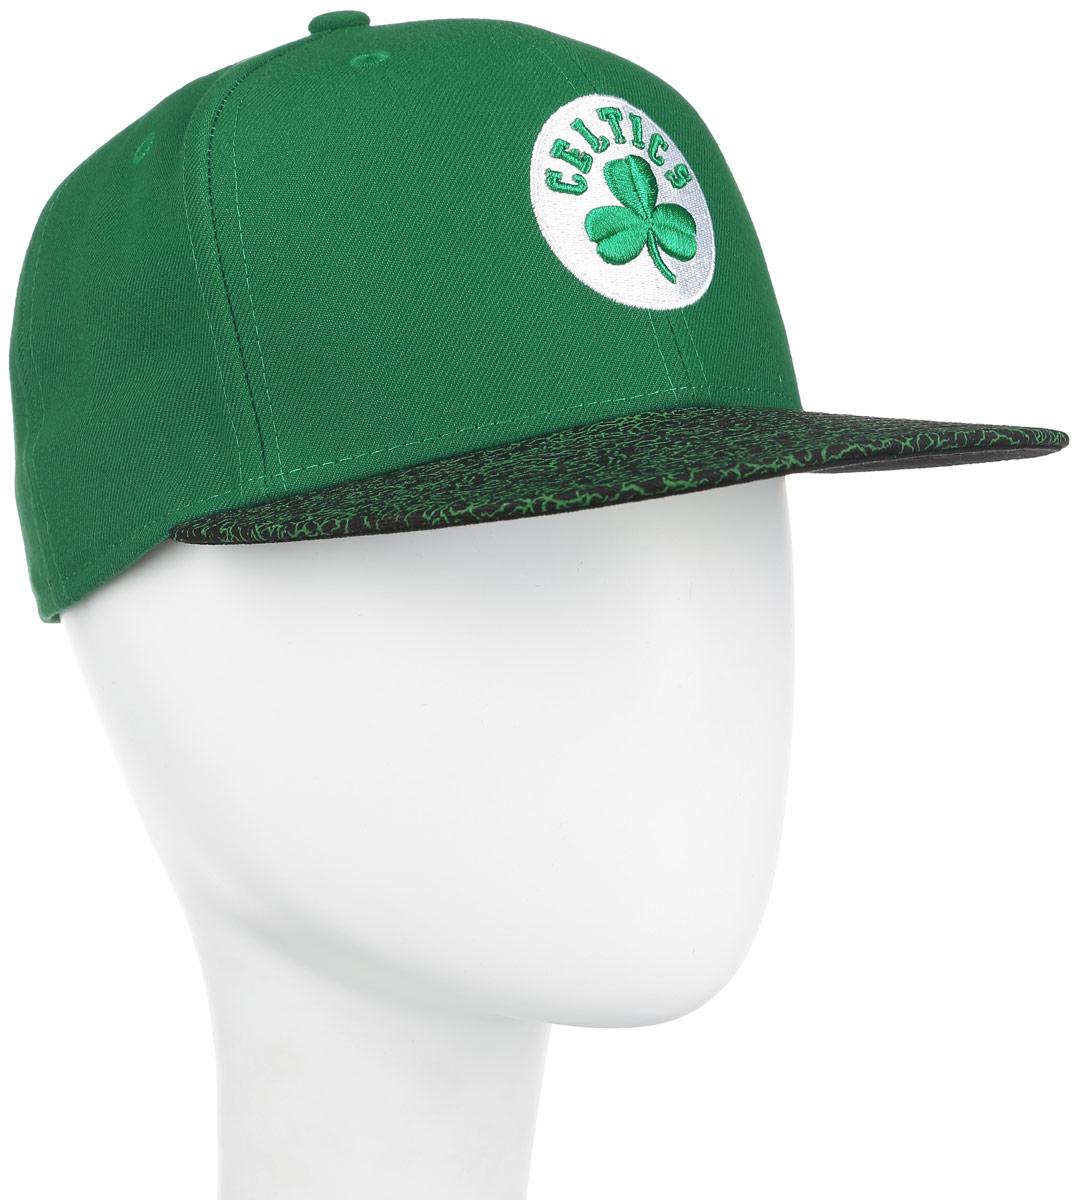 11210298-TEAMСтильная бейсболка New Era Boston Celtics, выполненная из высококачественных материалов, идеально подойдет для прогулок, занятий спортом и отдыха. Изделие оформлено объемным вышитым логотипом знаменитой бейсбольной команды и логотипом производителя. Ничто не говорит о настоящем любителе путешествий больше, чем любимая кепка. Эта модель станет отличным аксессуаром и дополнит ваш повседневный образ.